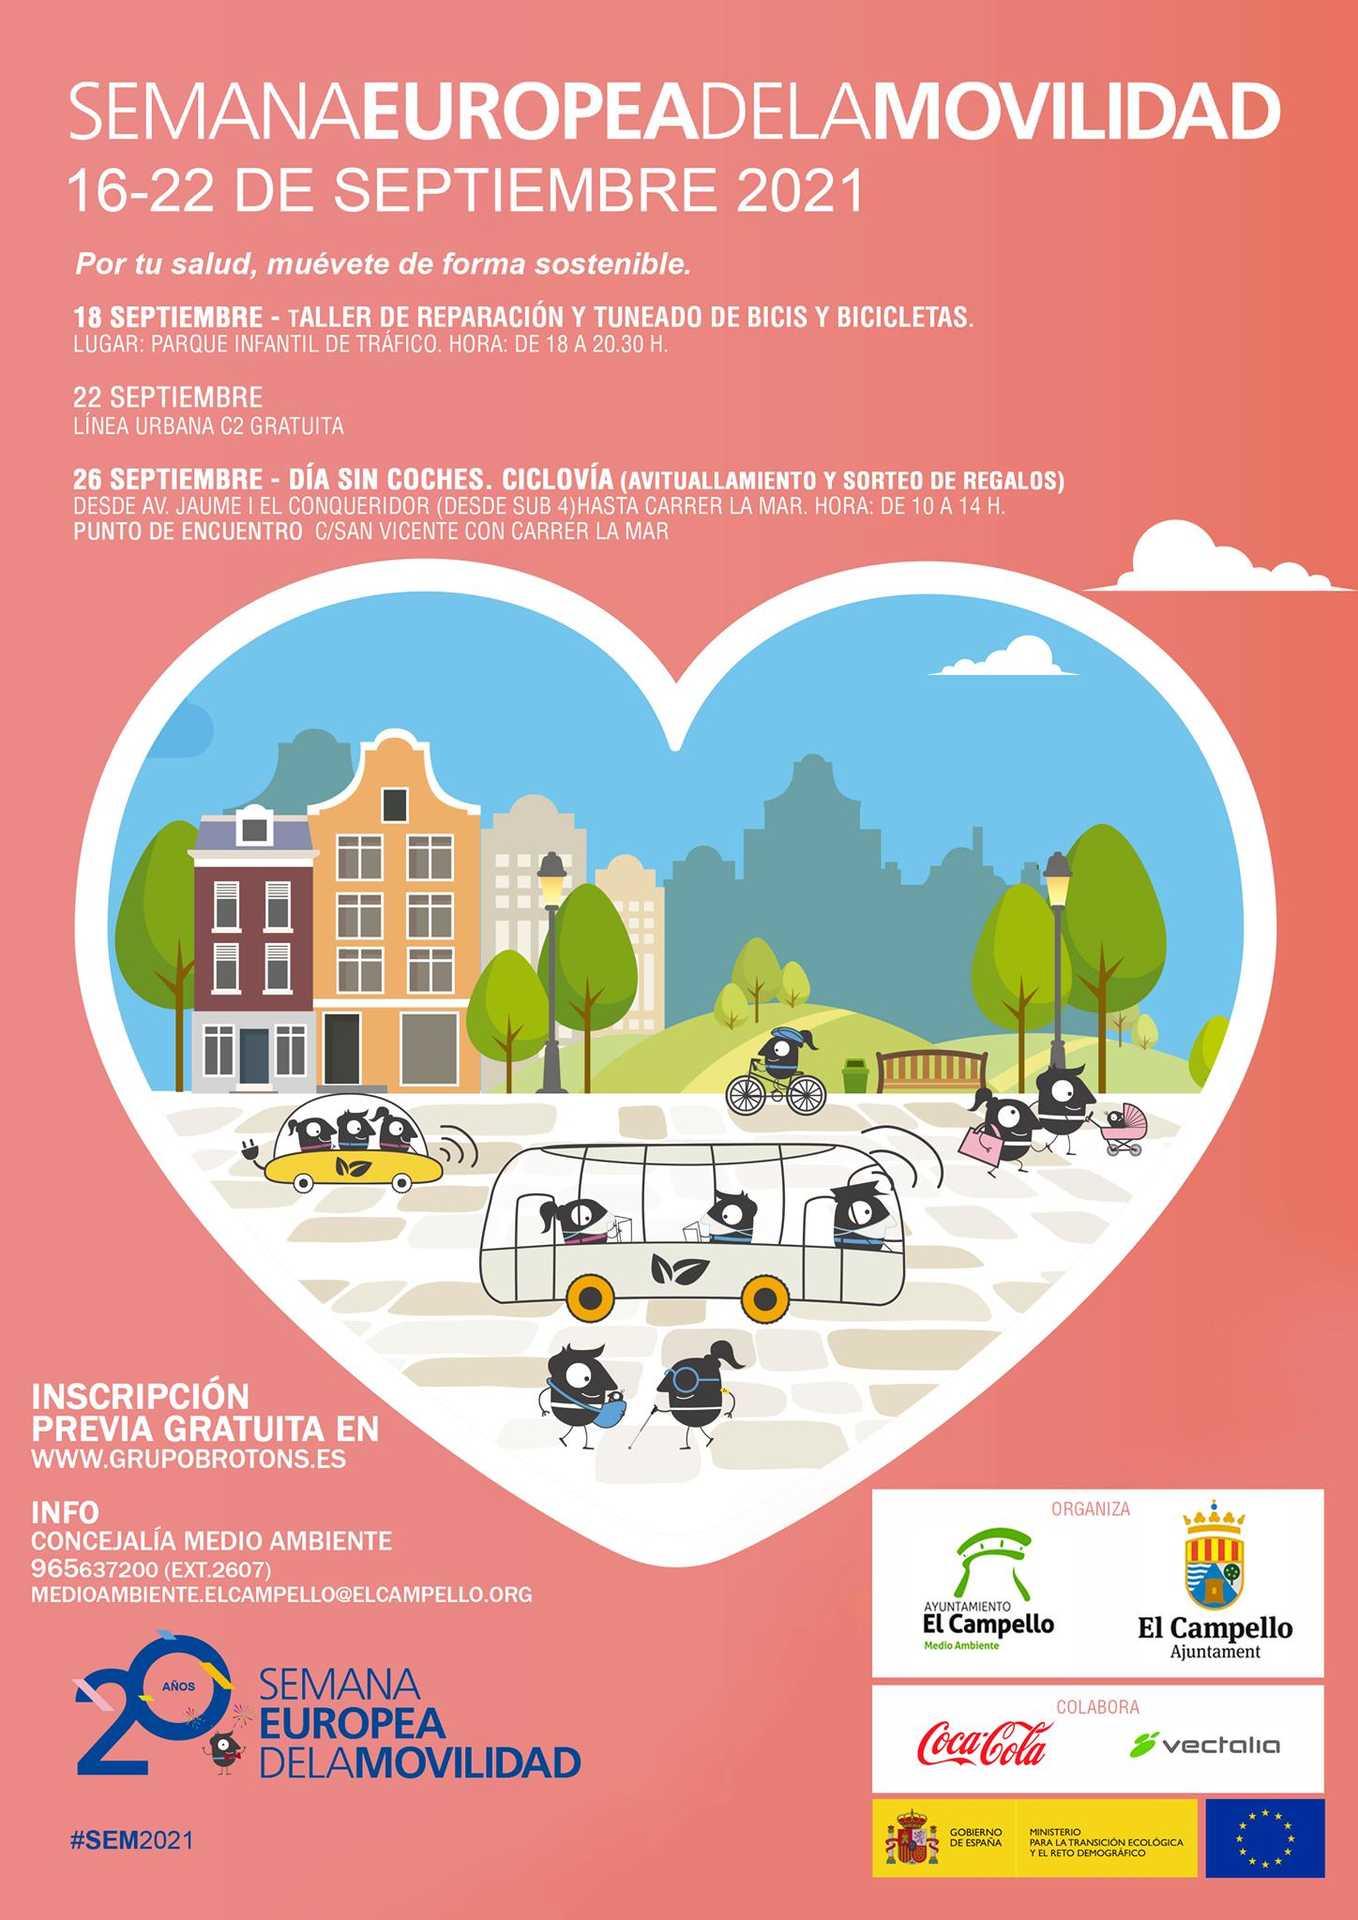 Semana Europea de la Movilidad | El Campello 2021